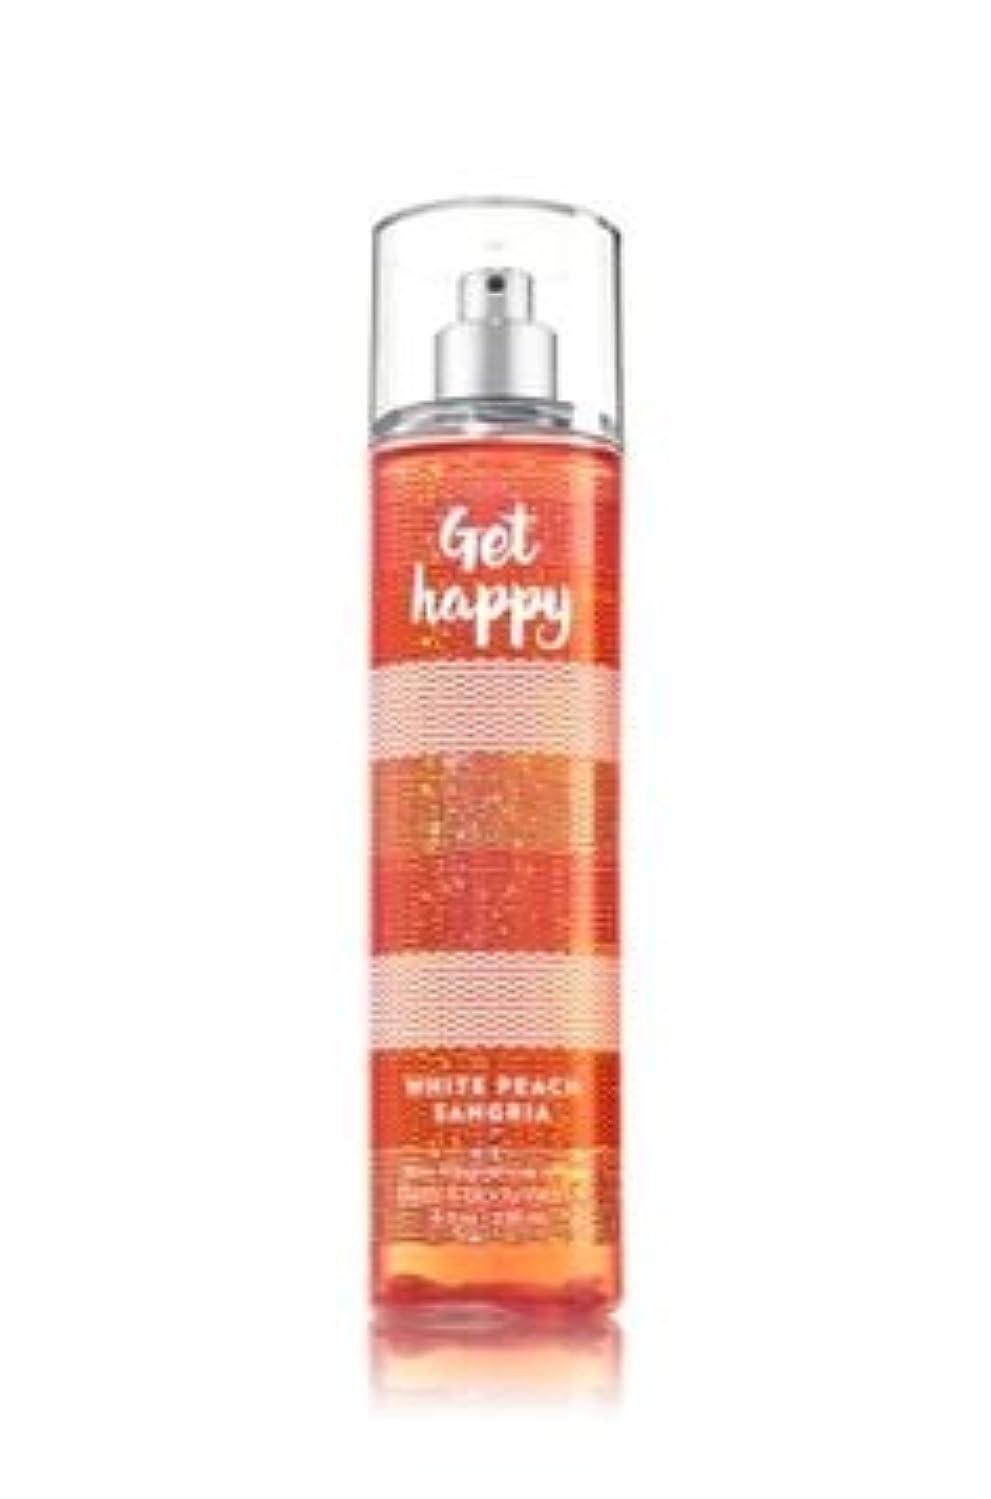 終了しましたコショウ土砂降り【Bath&Body Works/バス&ボディワークス】 ファインフレグランスミスト ホワイトピーチサングリア Fine Fragrance Mist Get Happy White Peach Sangria 8oz (236ml) [並行輸入品]